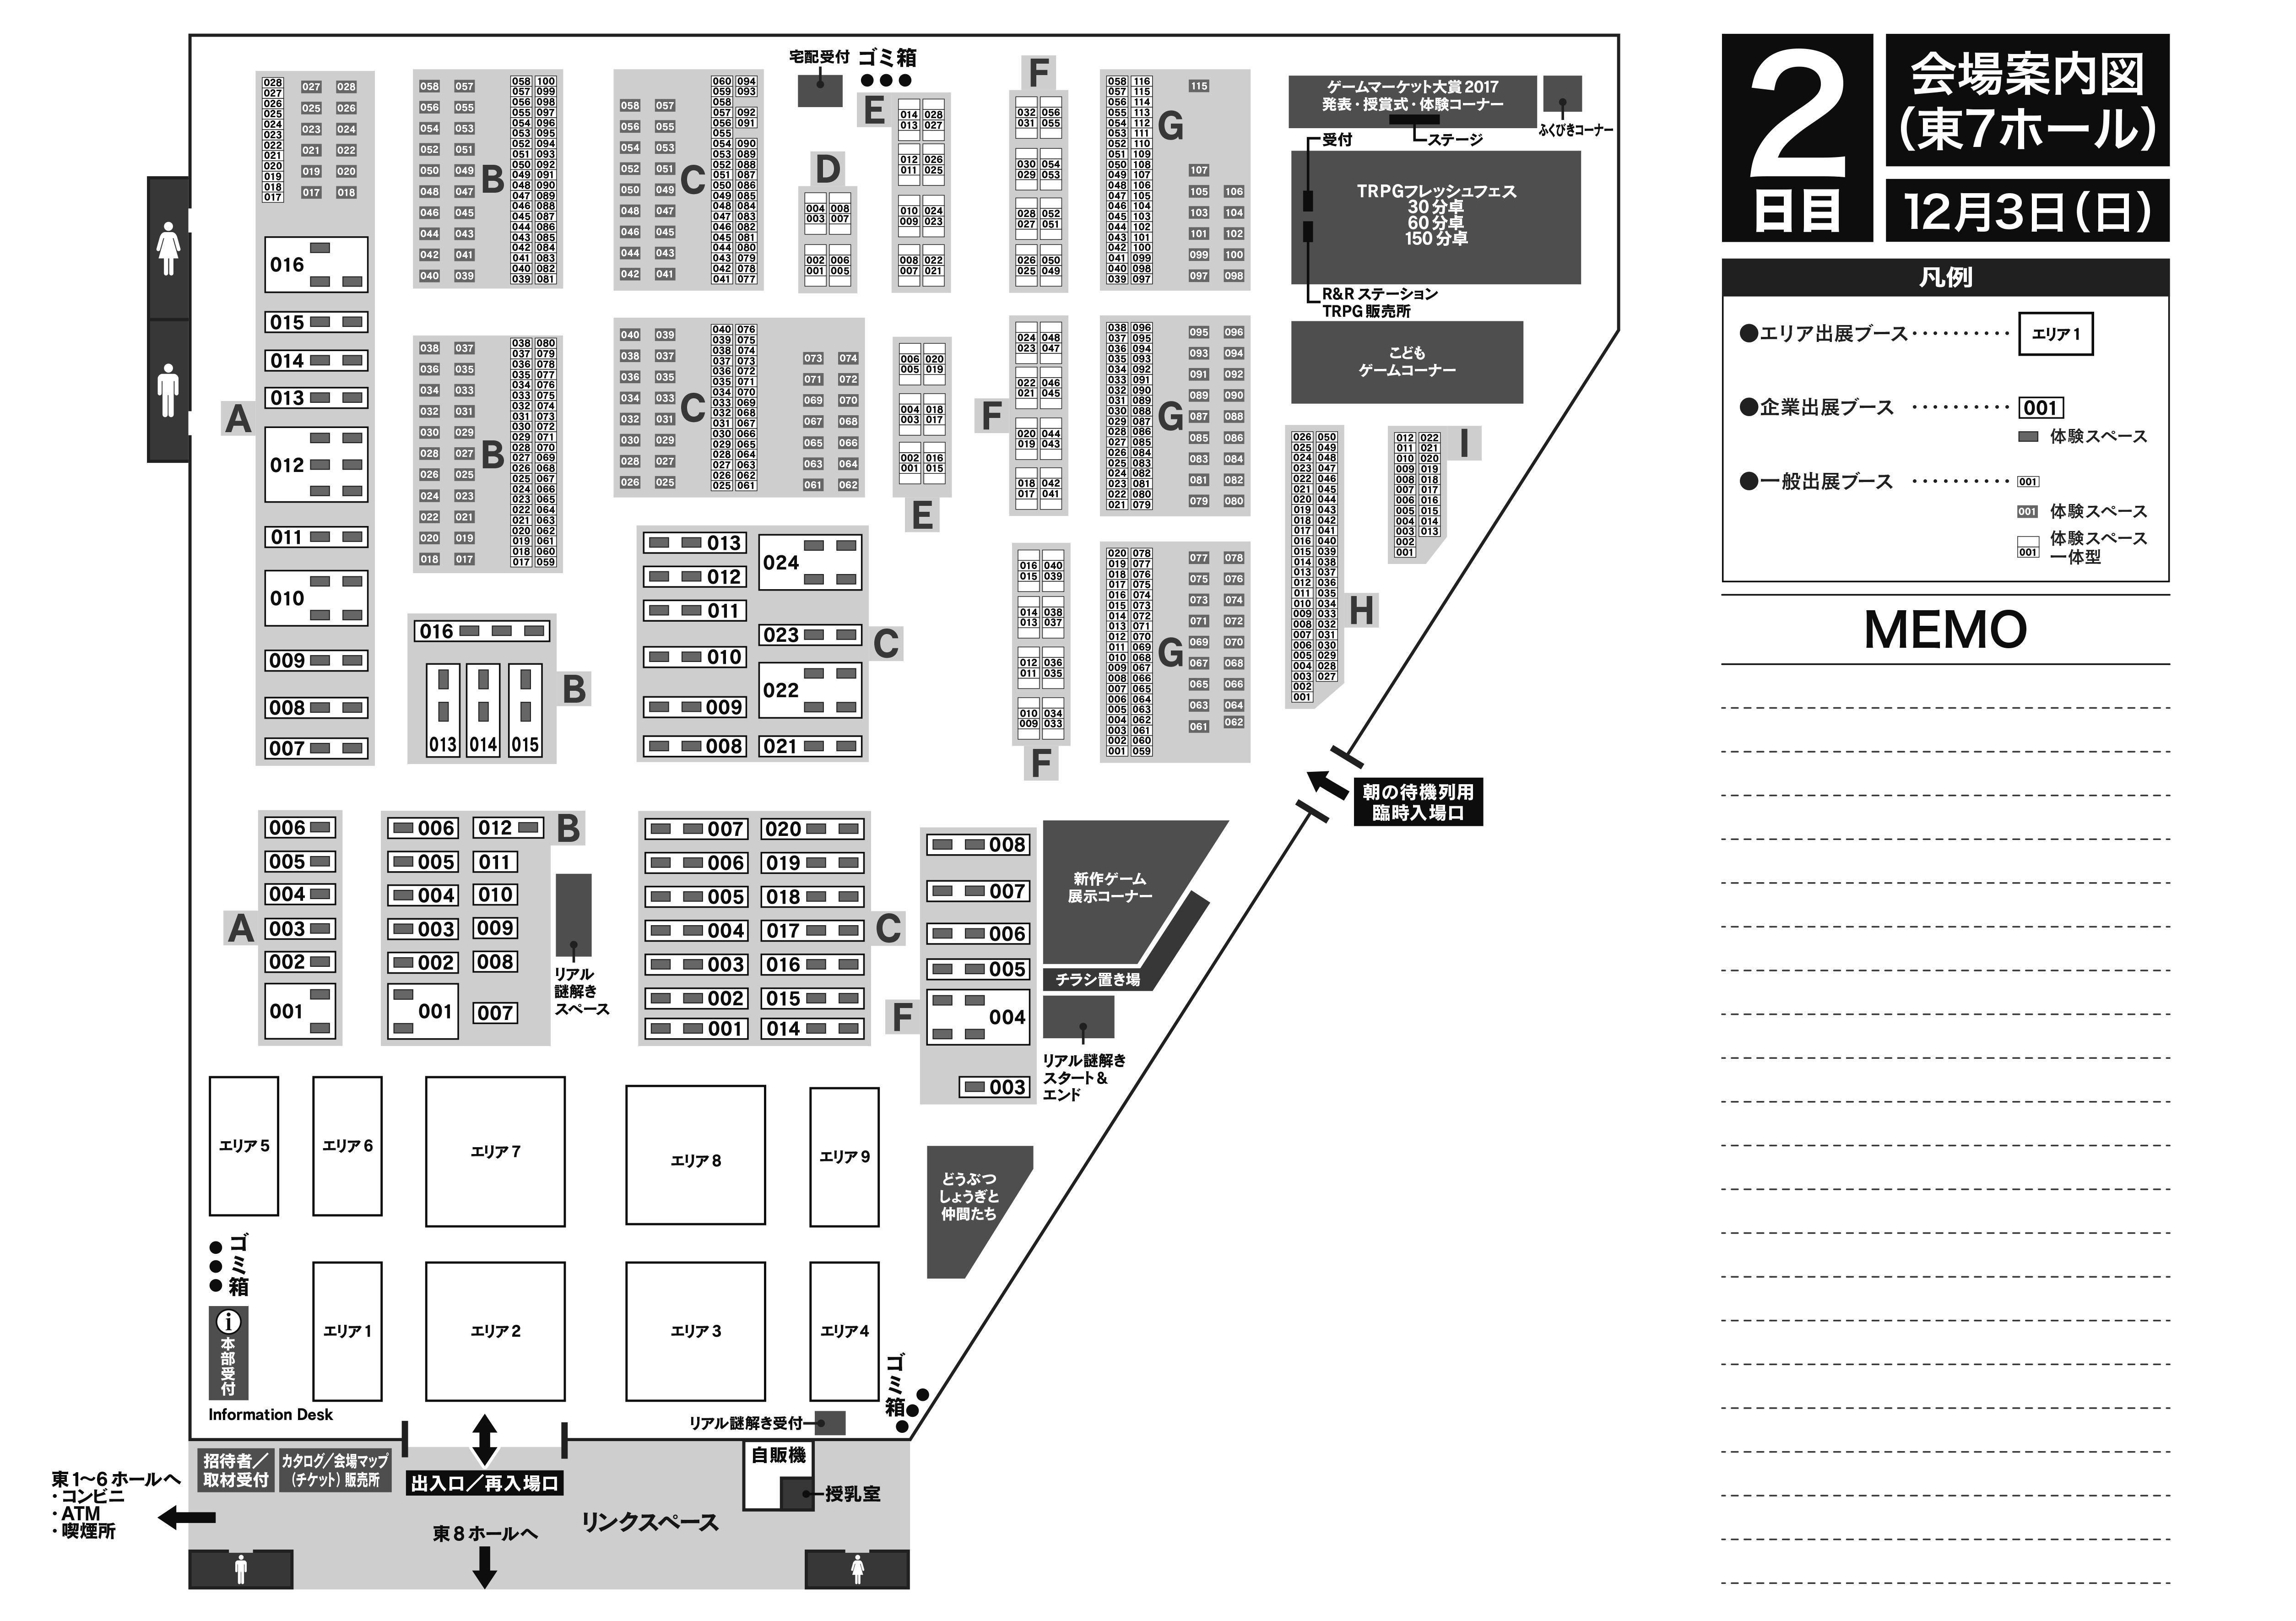 東京ビッグサイト 7ホール 2日目(12/3) ホールマップ